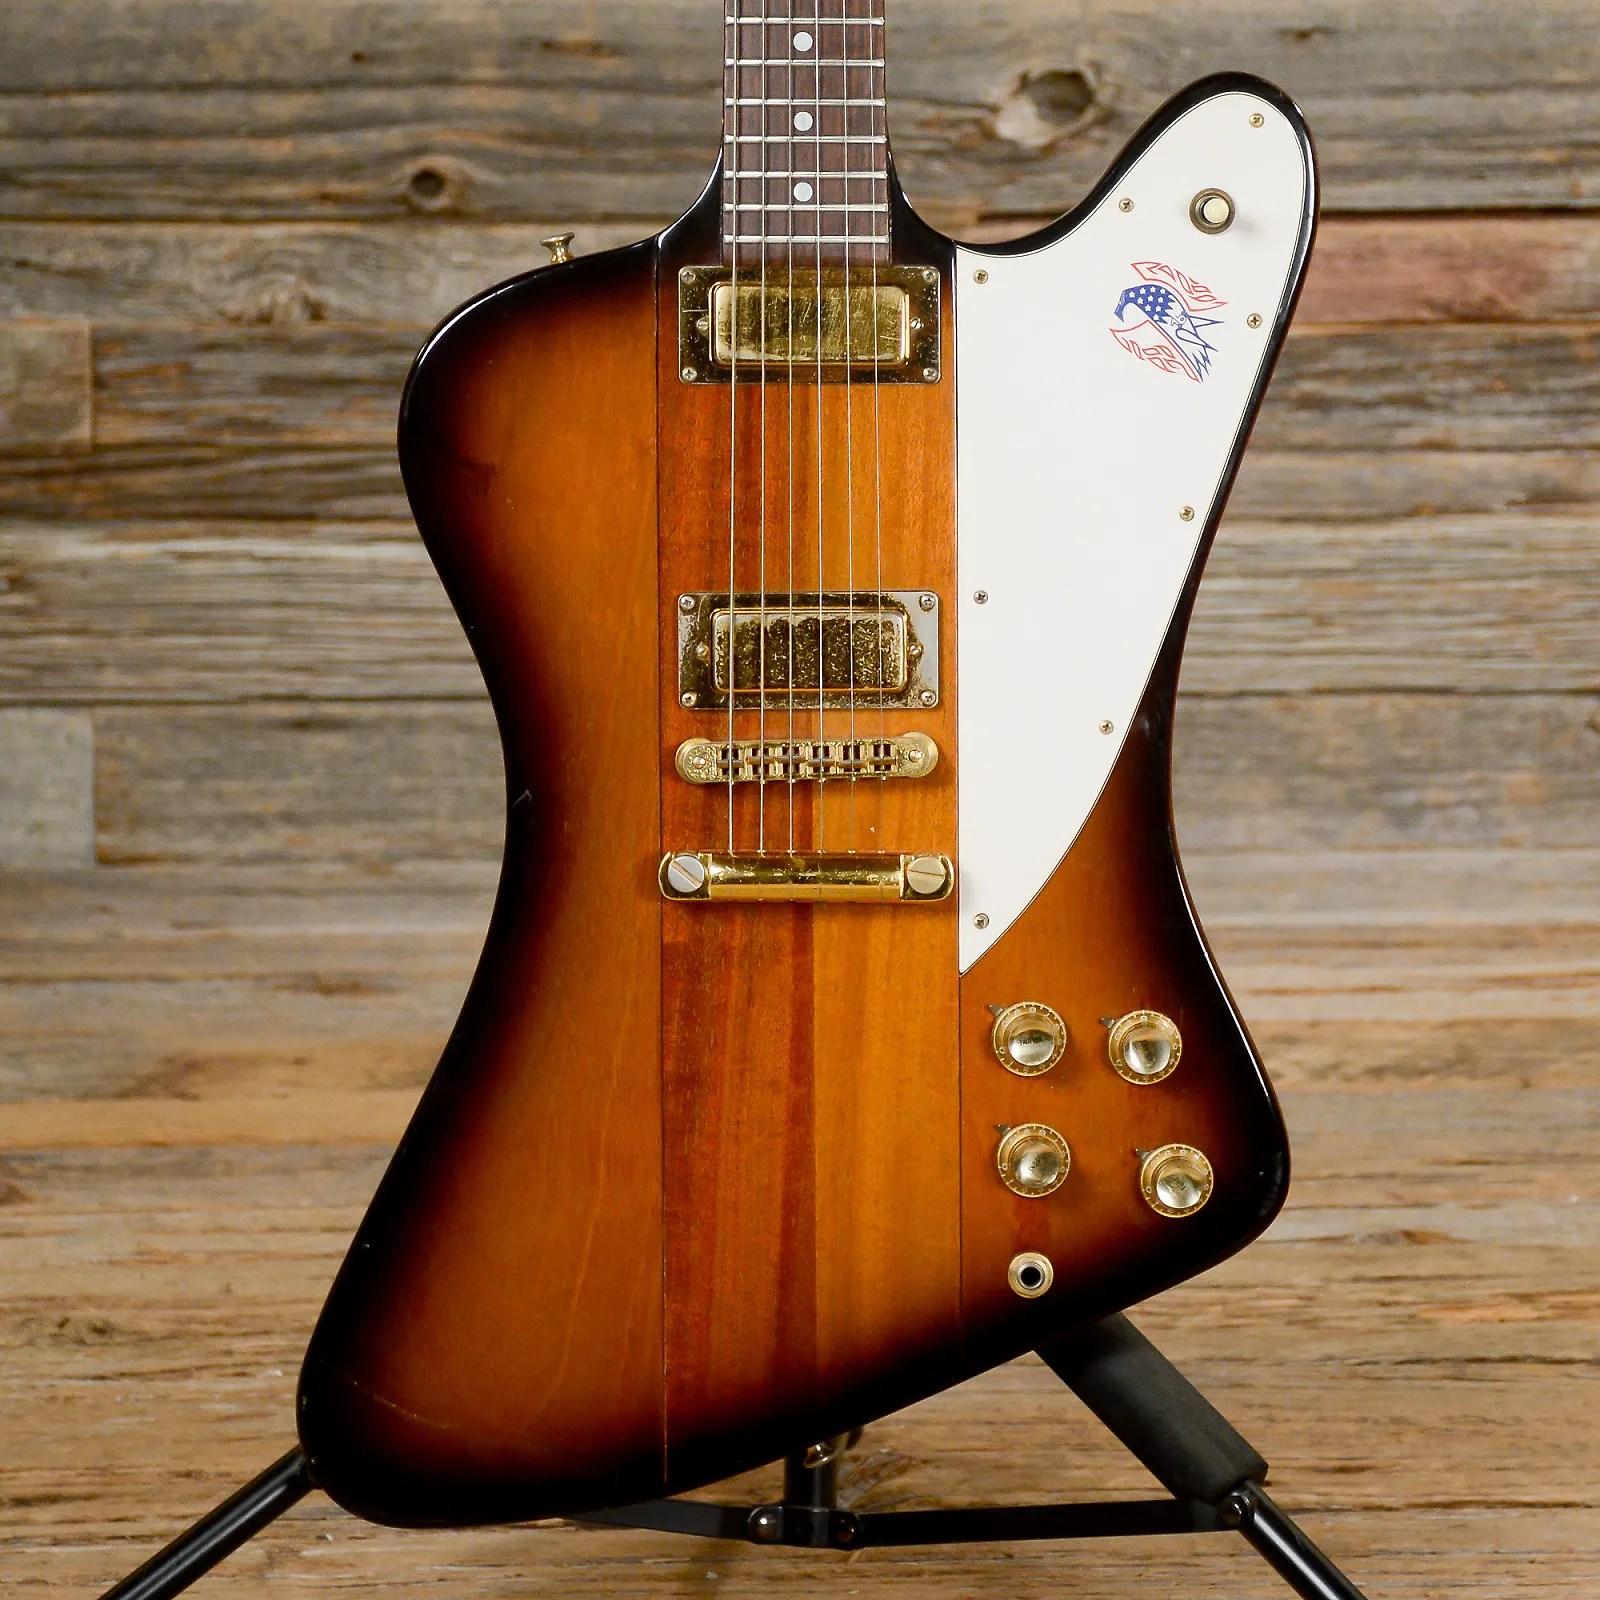 Gibson Firebird 76 Bicentennial Sunburst